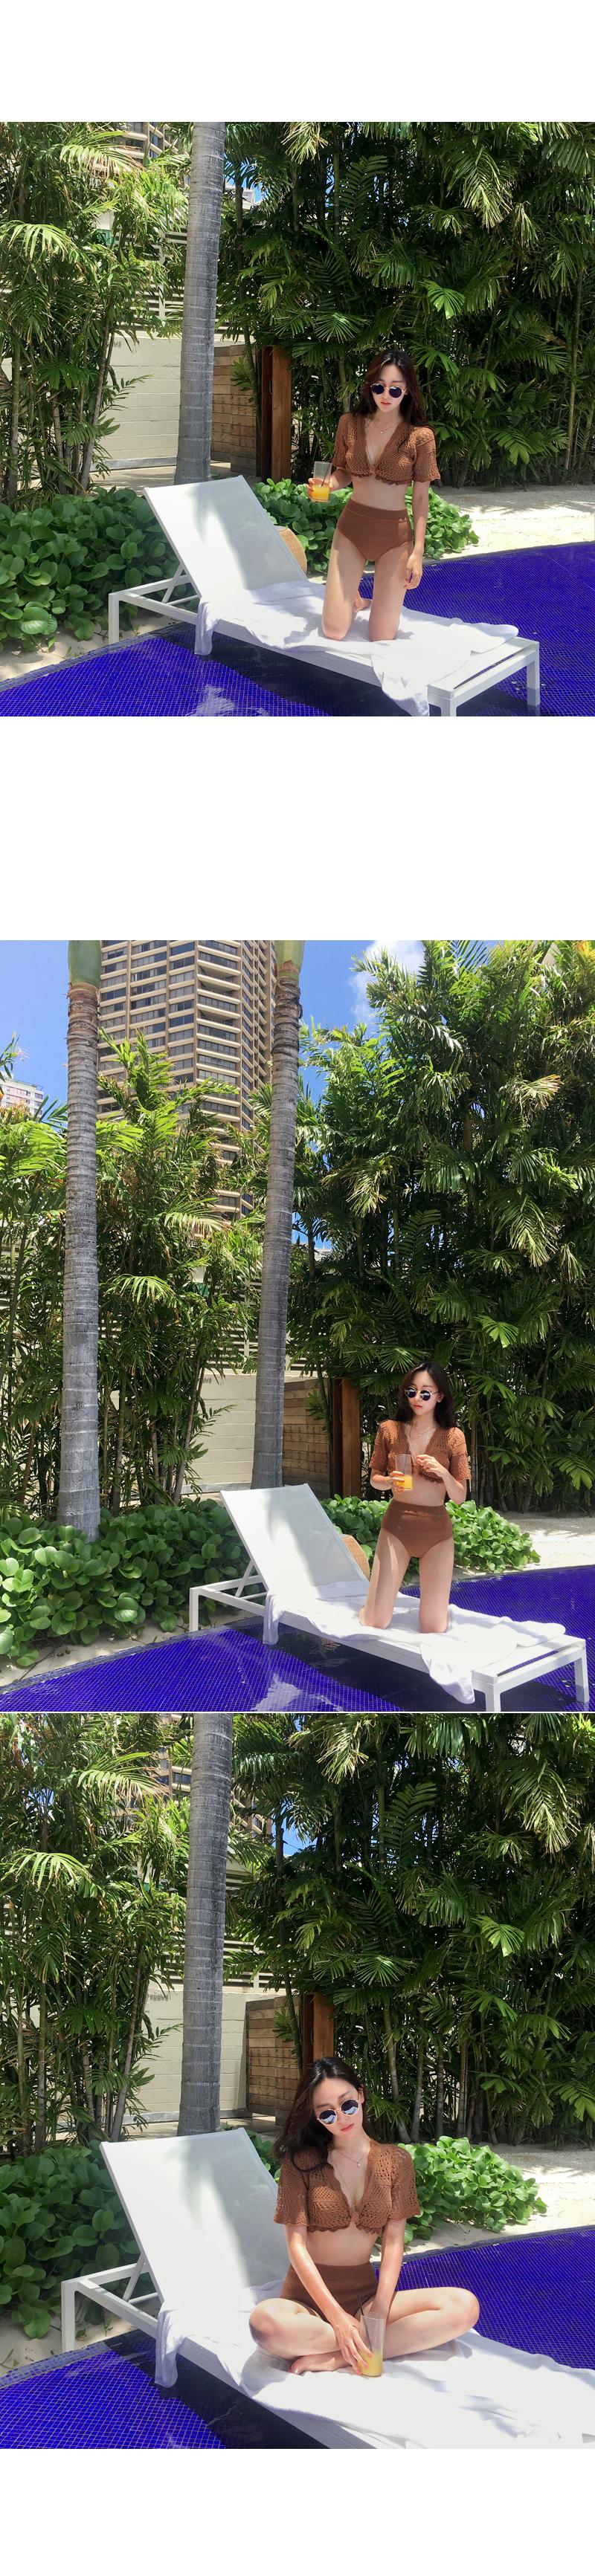 Britt bikini